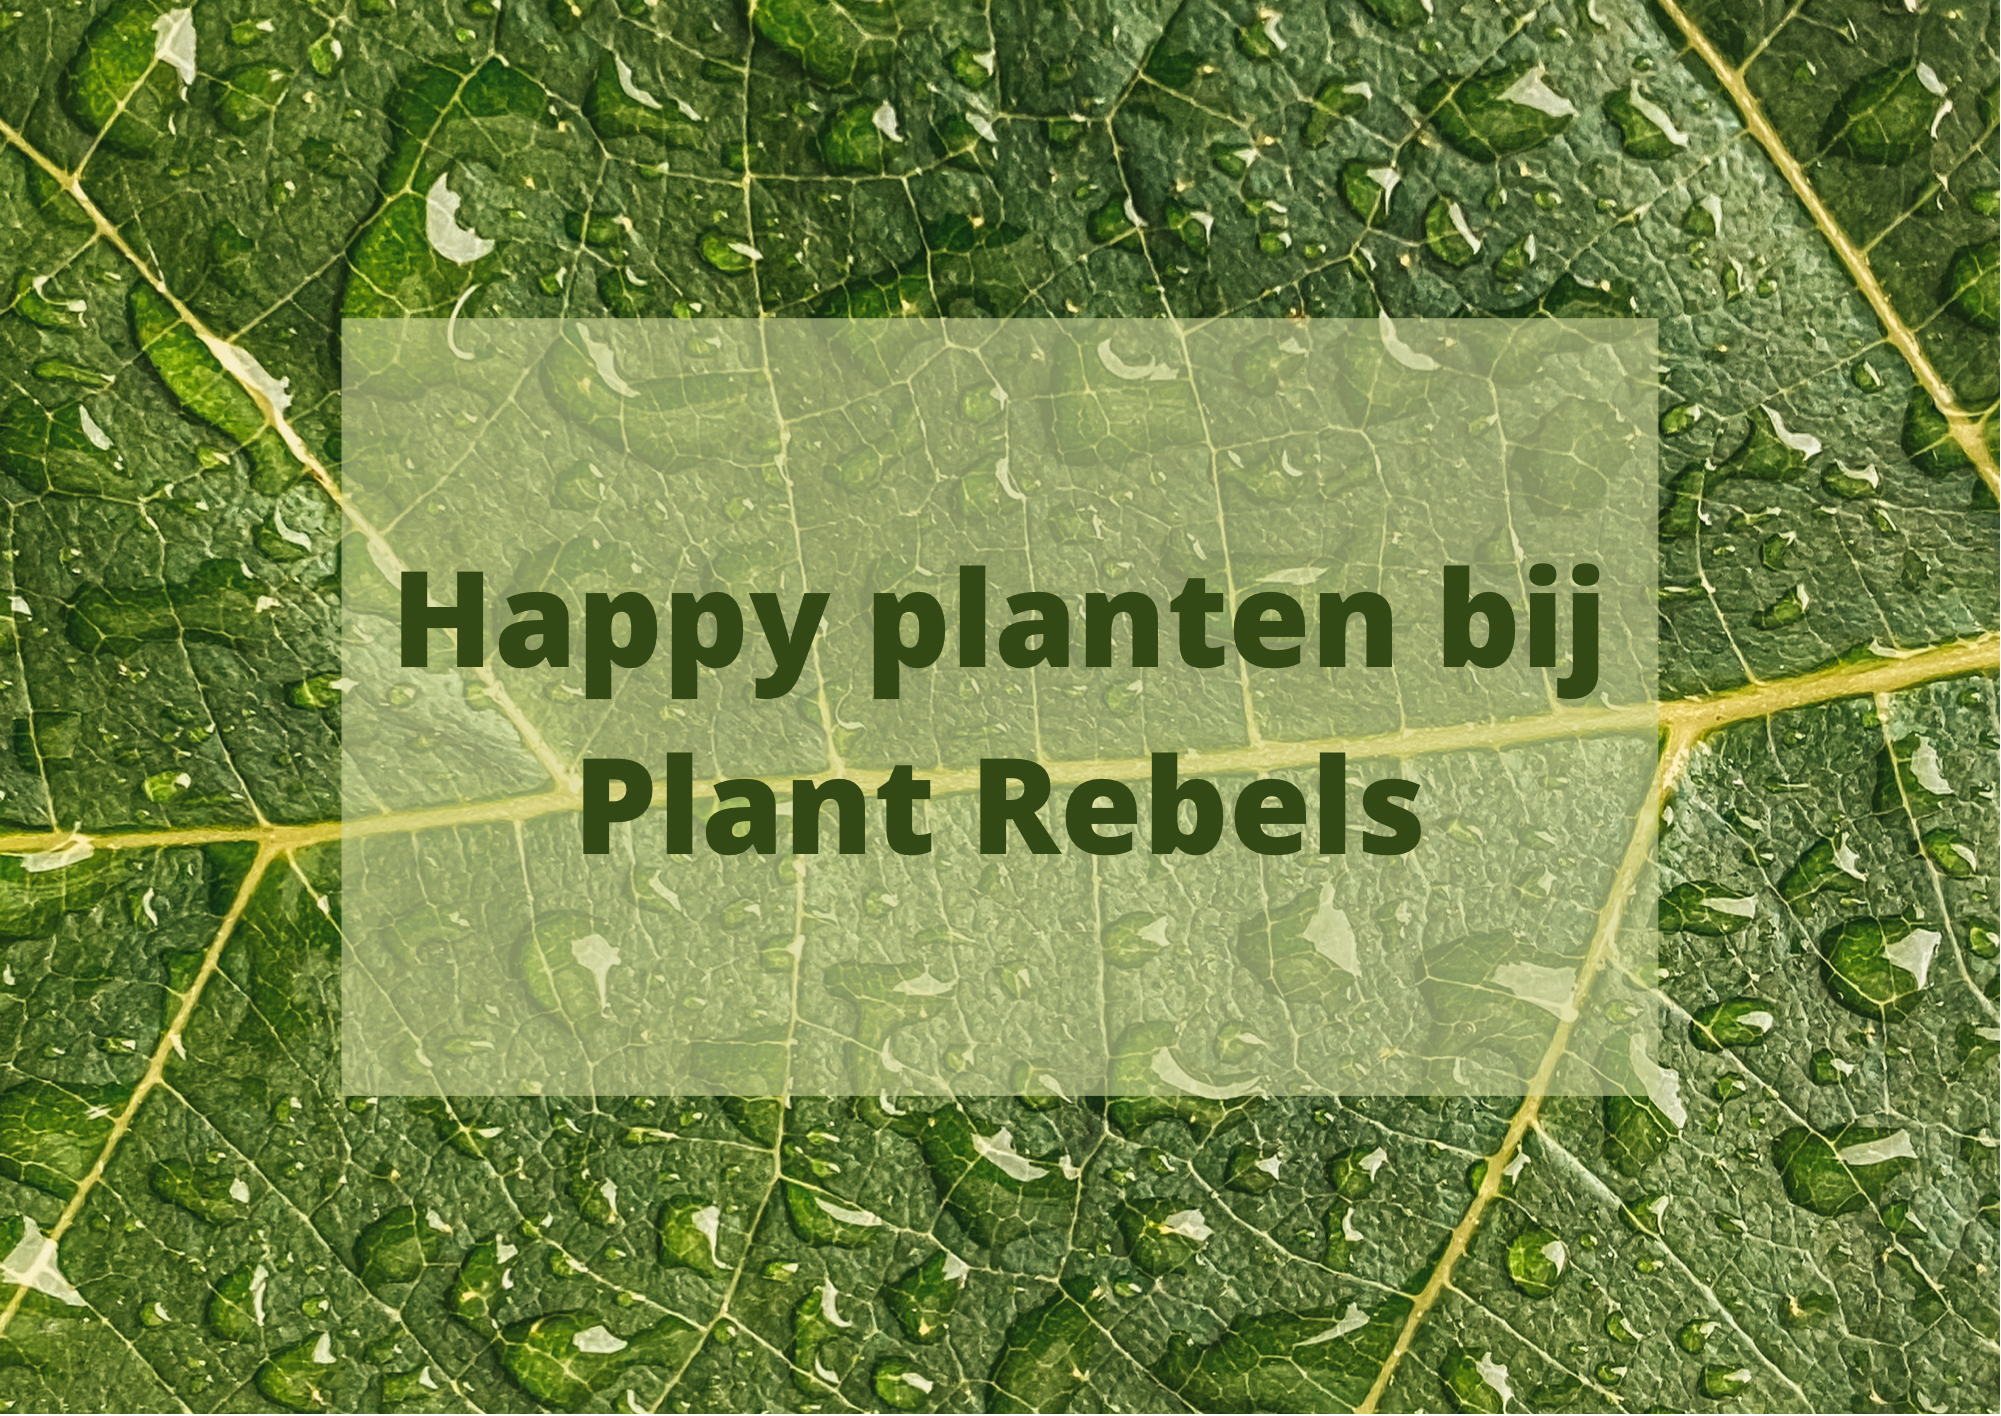 #51. Richt je huis leuk in met Plantrebelz.nl